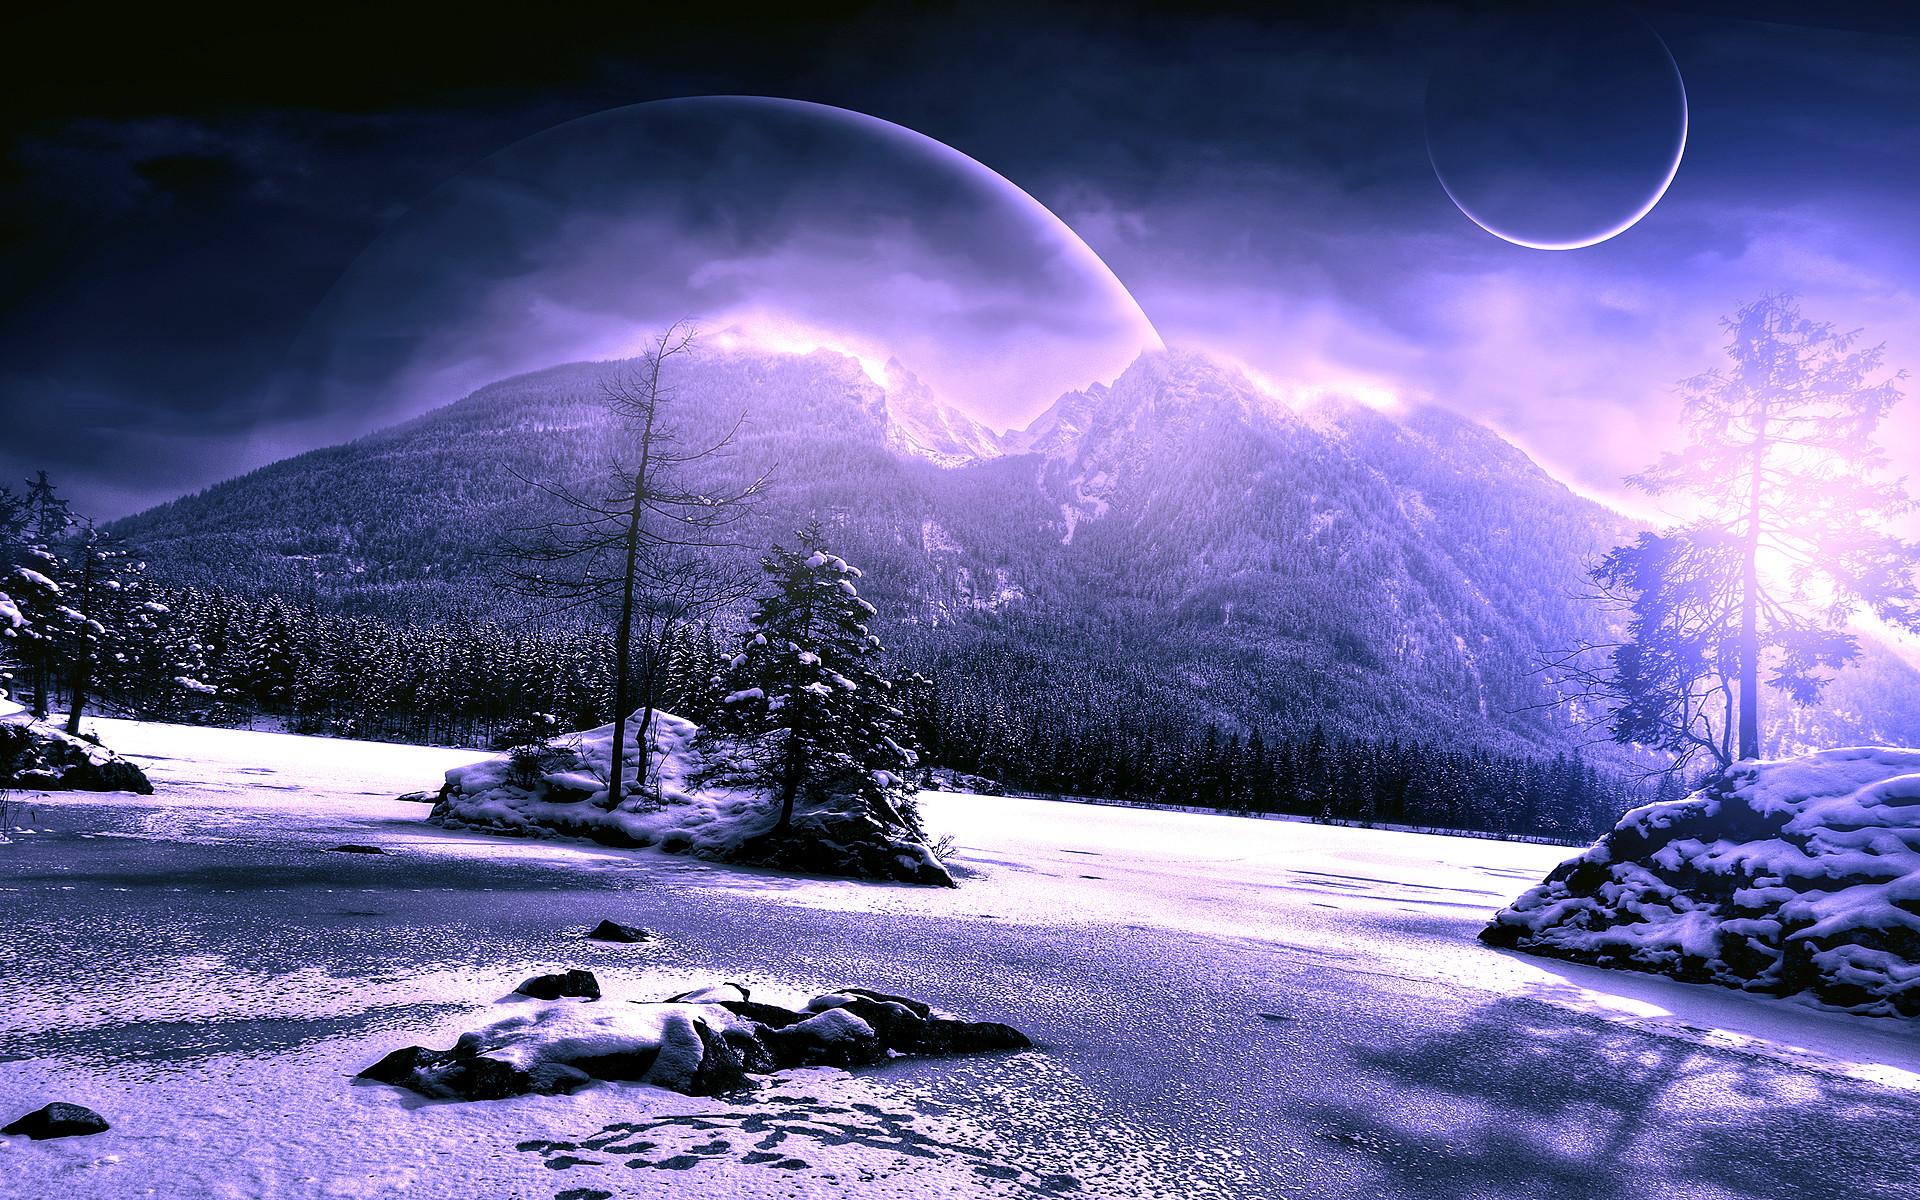 Alien Planet Landscapes Wallpaper (66+ images)